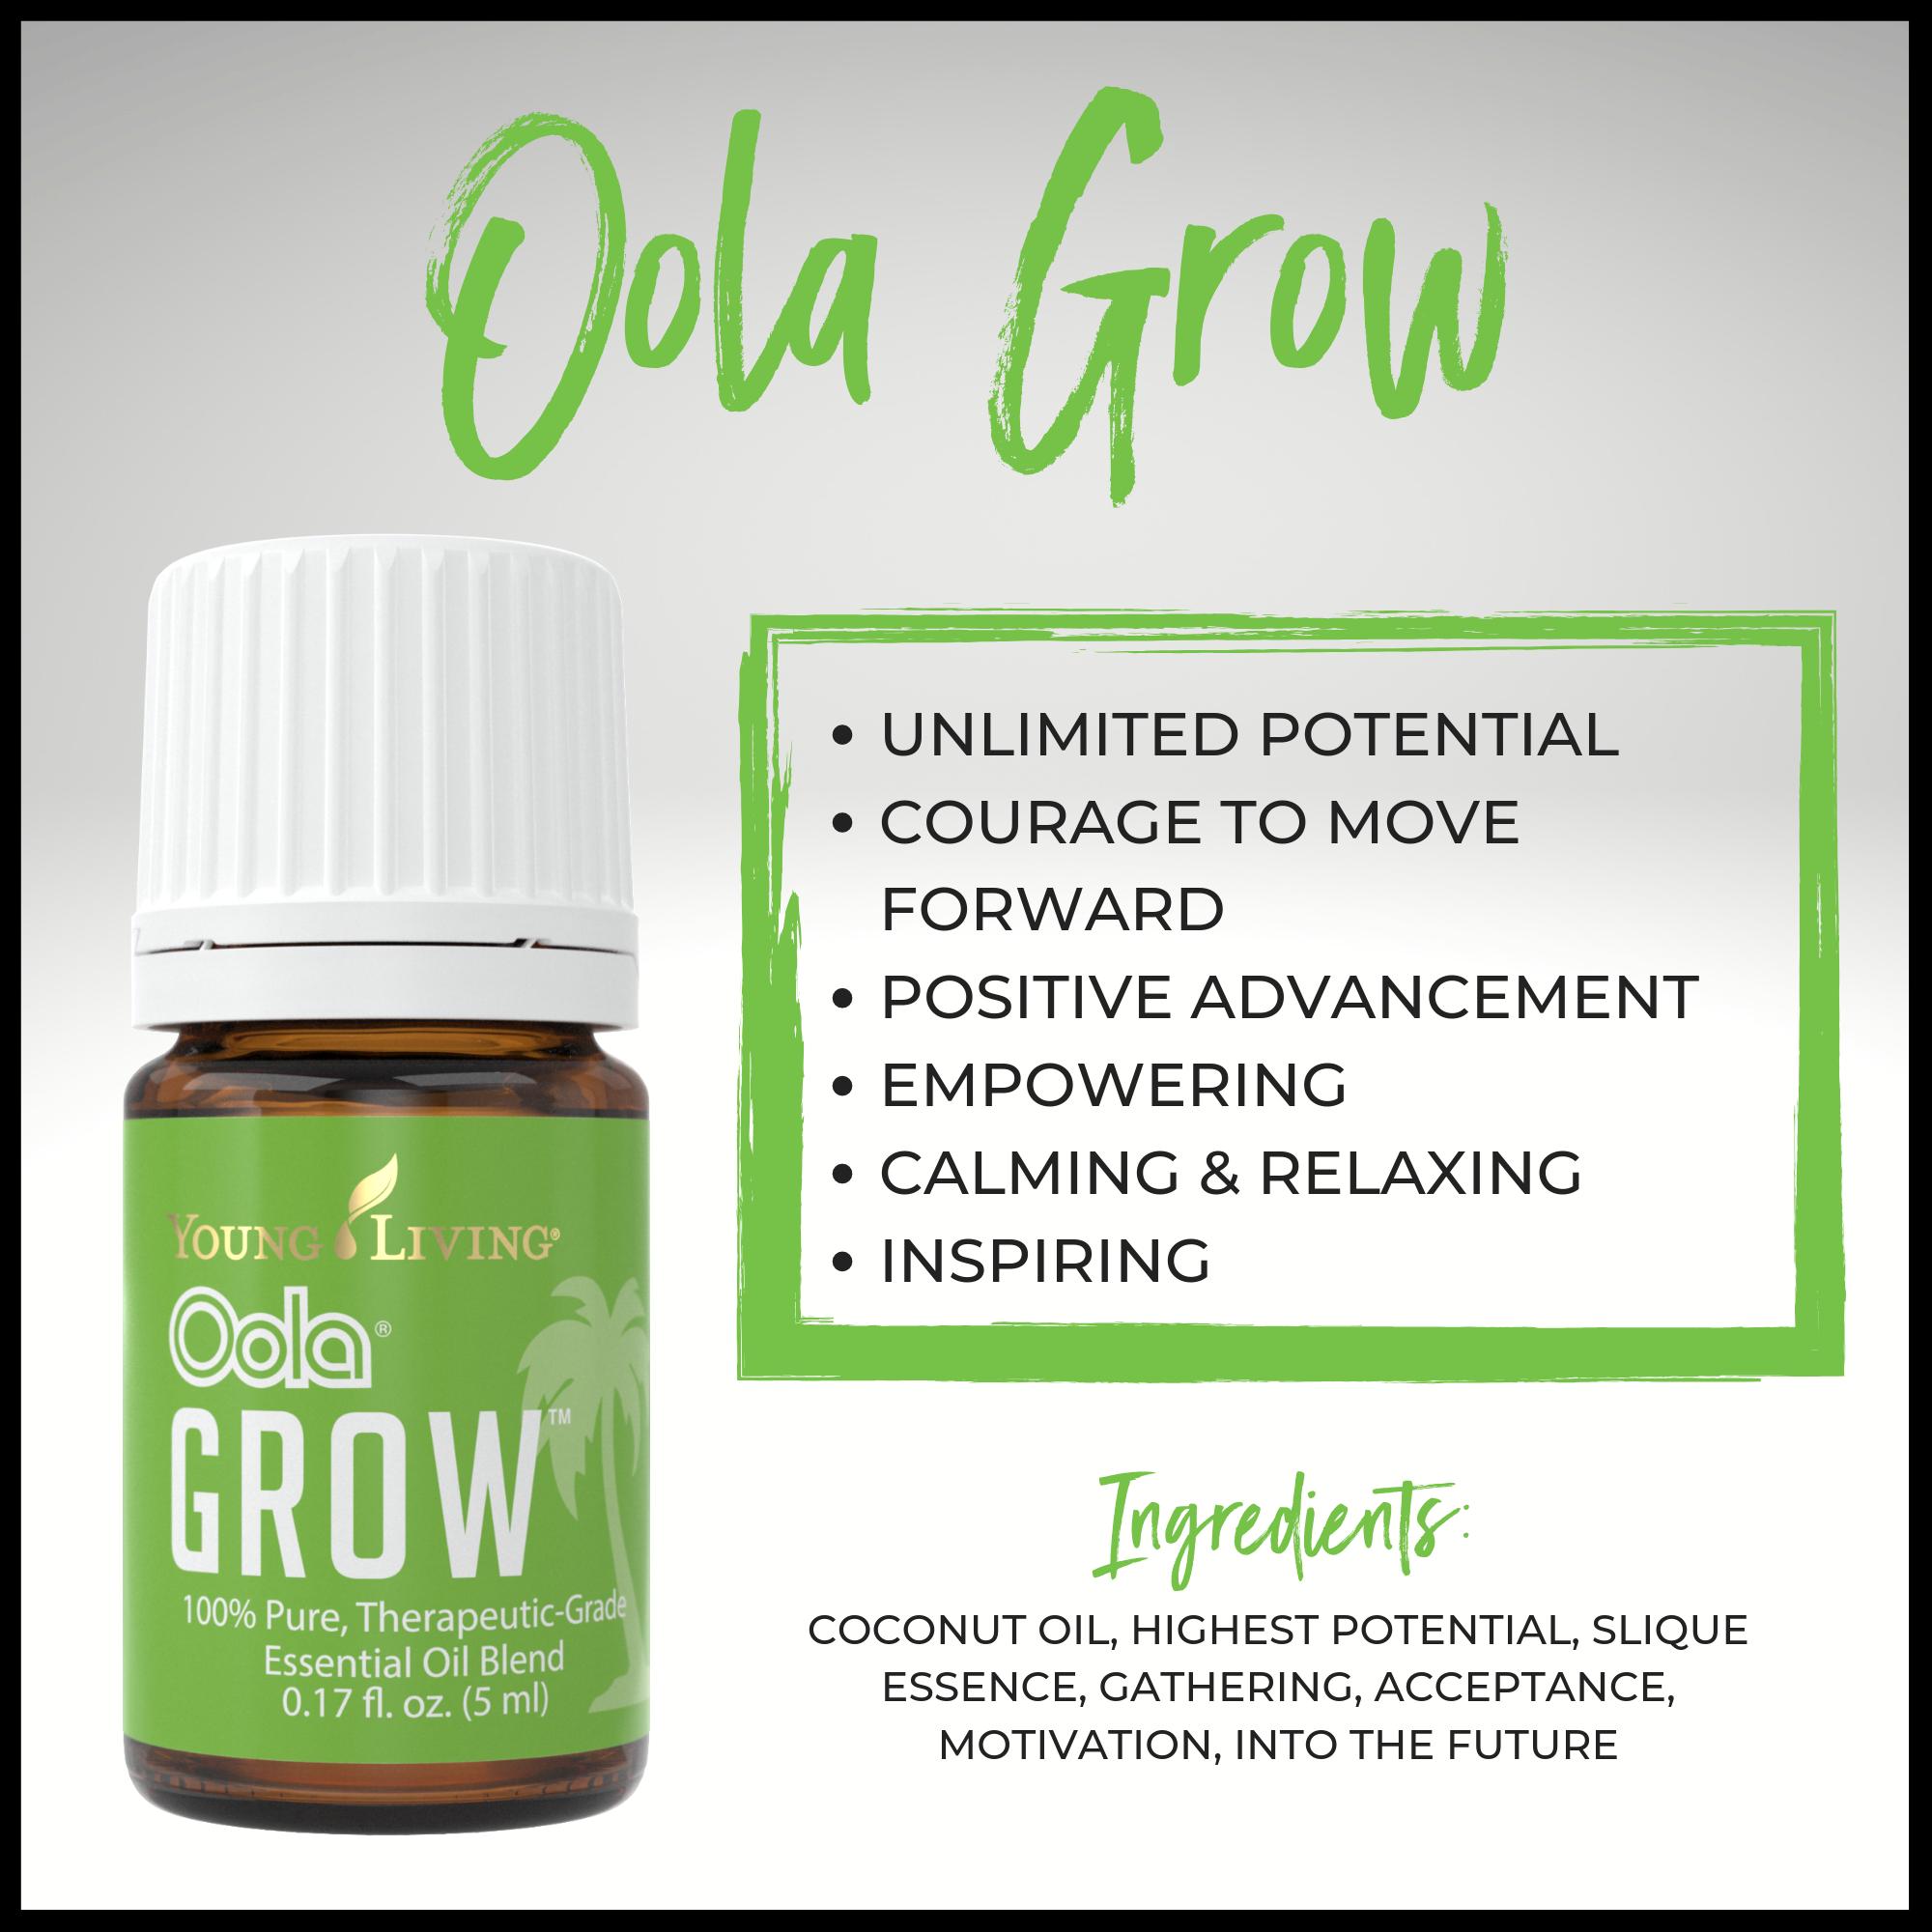 Oola Grow